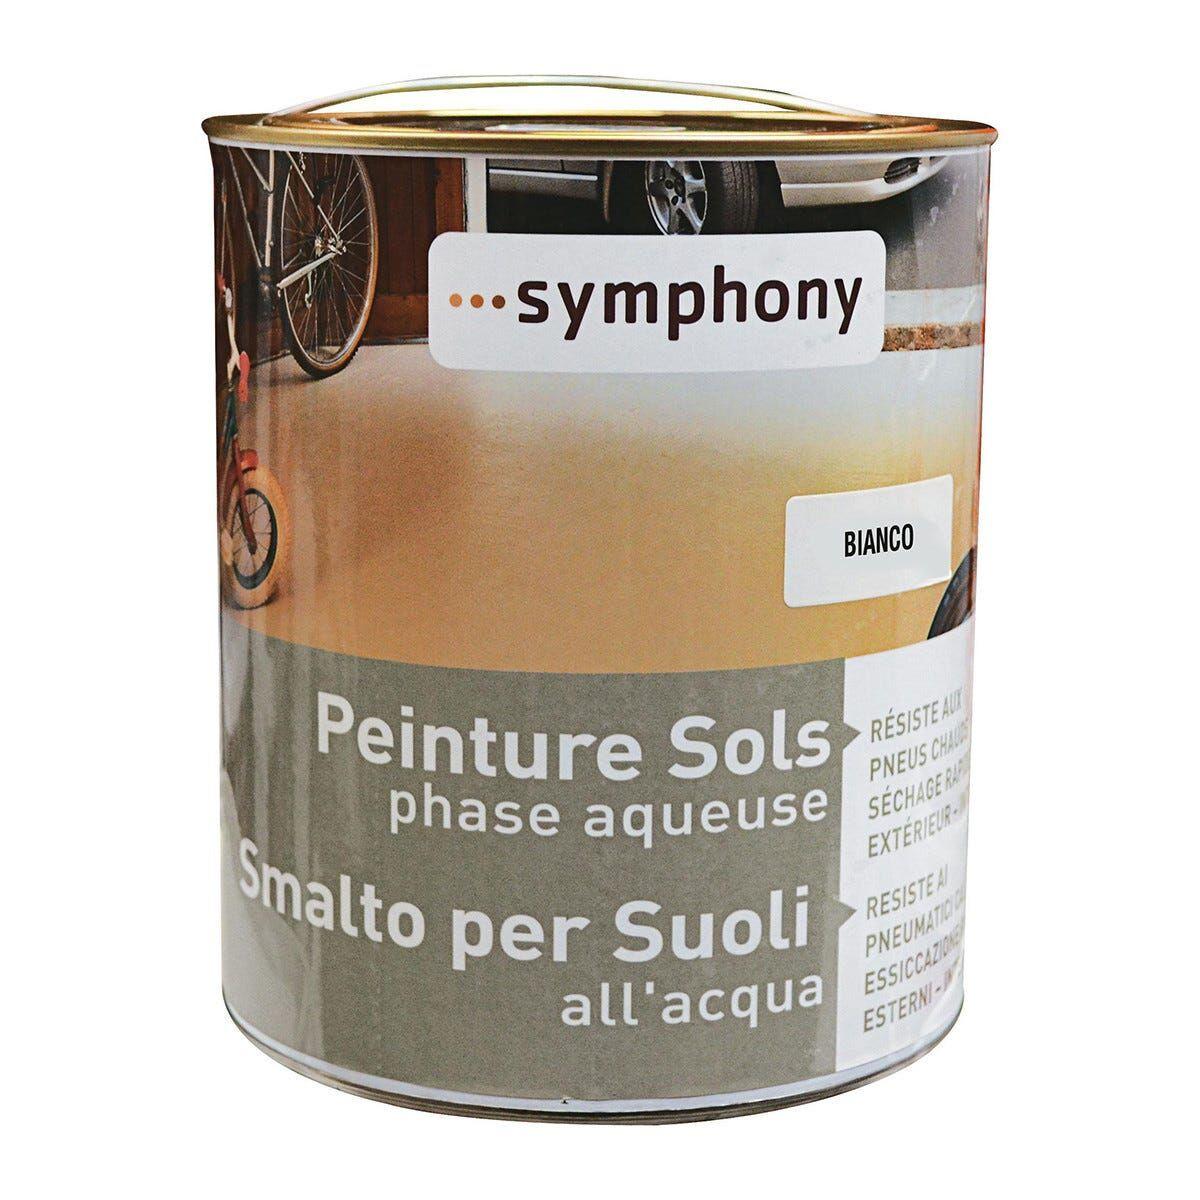 Smalto Per Suoli Acqua Symphony Bianco Scuro 2,5 L Cemento Legno Cls 10m² Con 1l Pronto Uso